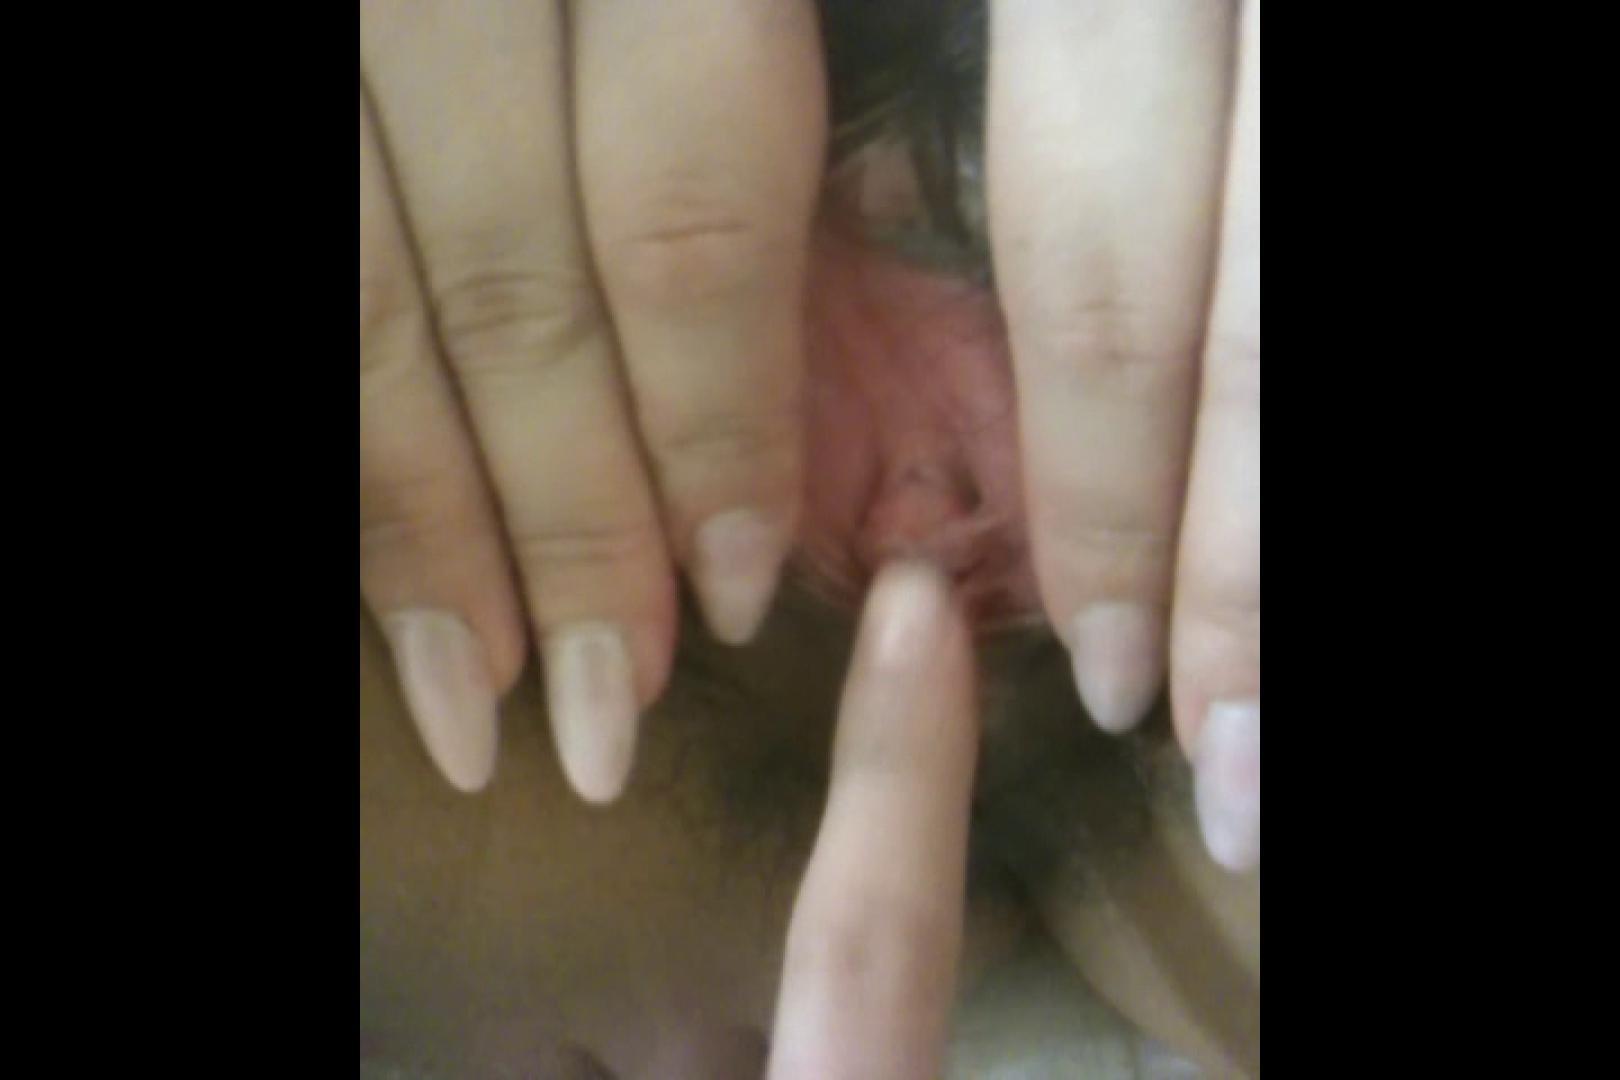 素人流出動画 AMIちゃんYUMIちゃんの秘密の携帯ムービーvol.2 素人 セックス画像 99連発 47